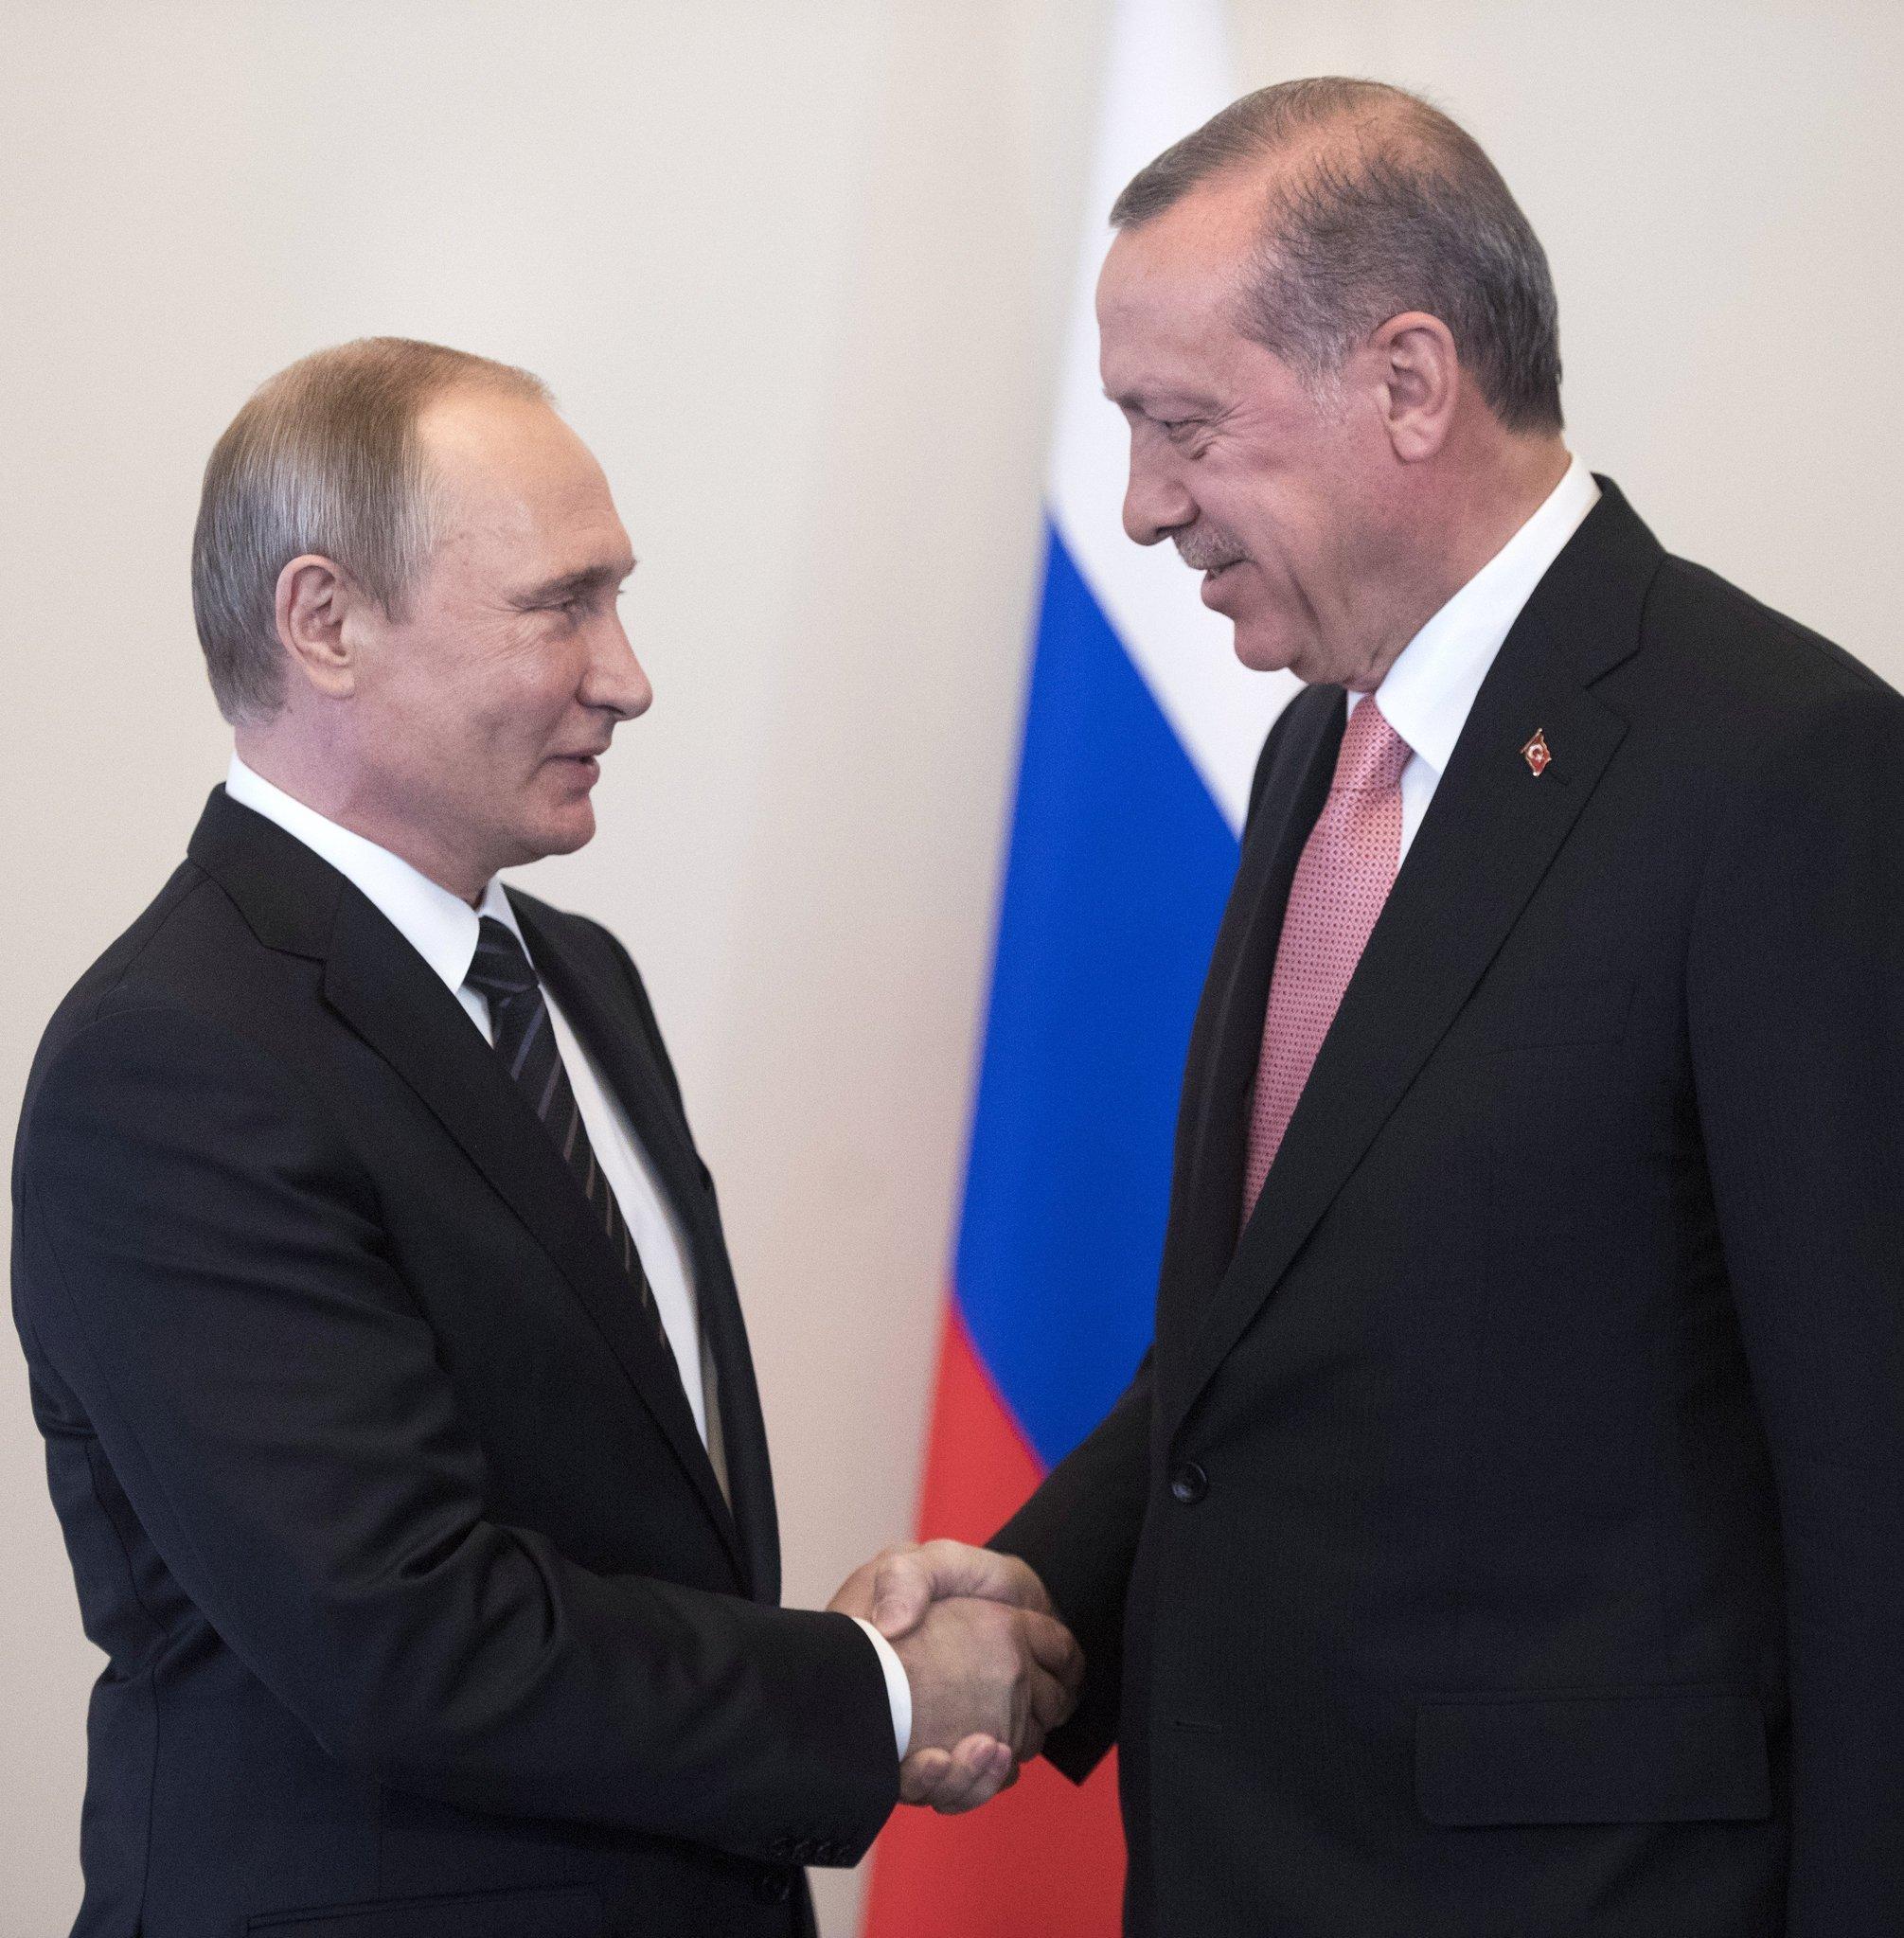 Presidentes da Rússia e Turquia, Vladimir Putin e Recep Tayyip Erdogan, durante o encontro bilateral em São Petersburgo, Rússia, 9 de agosto de 2016